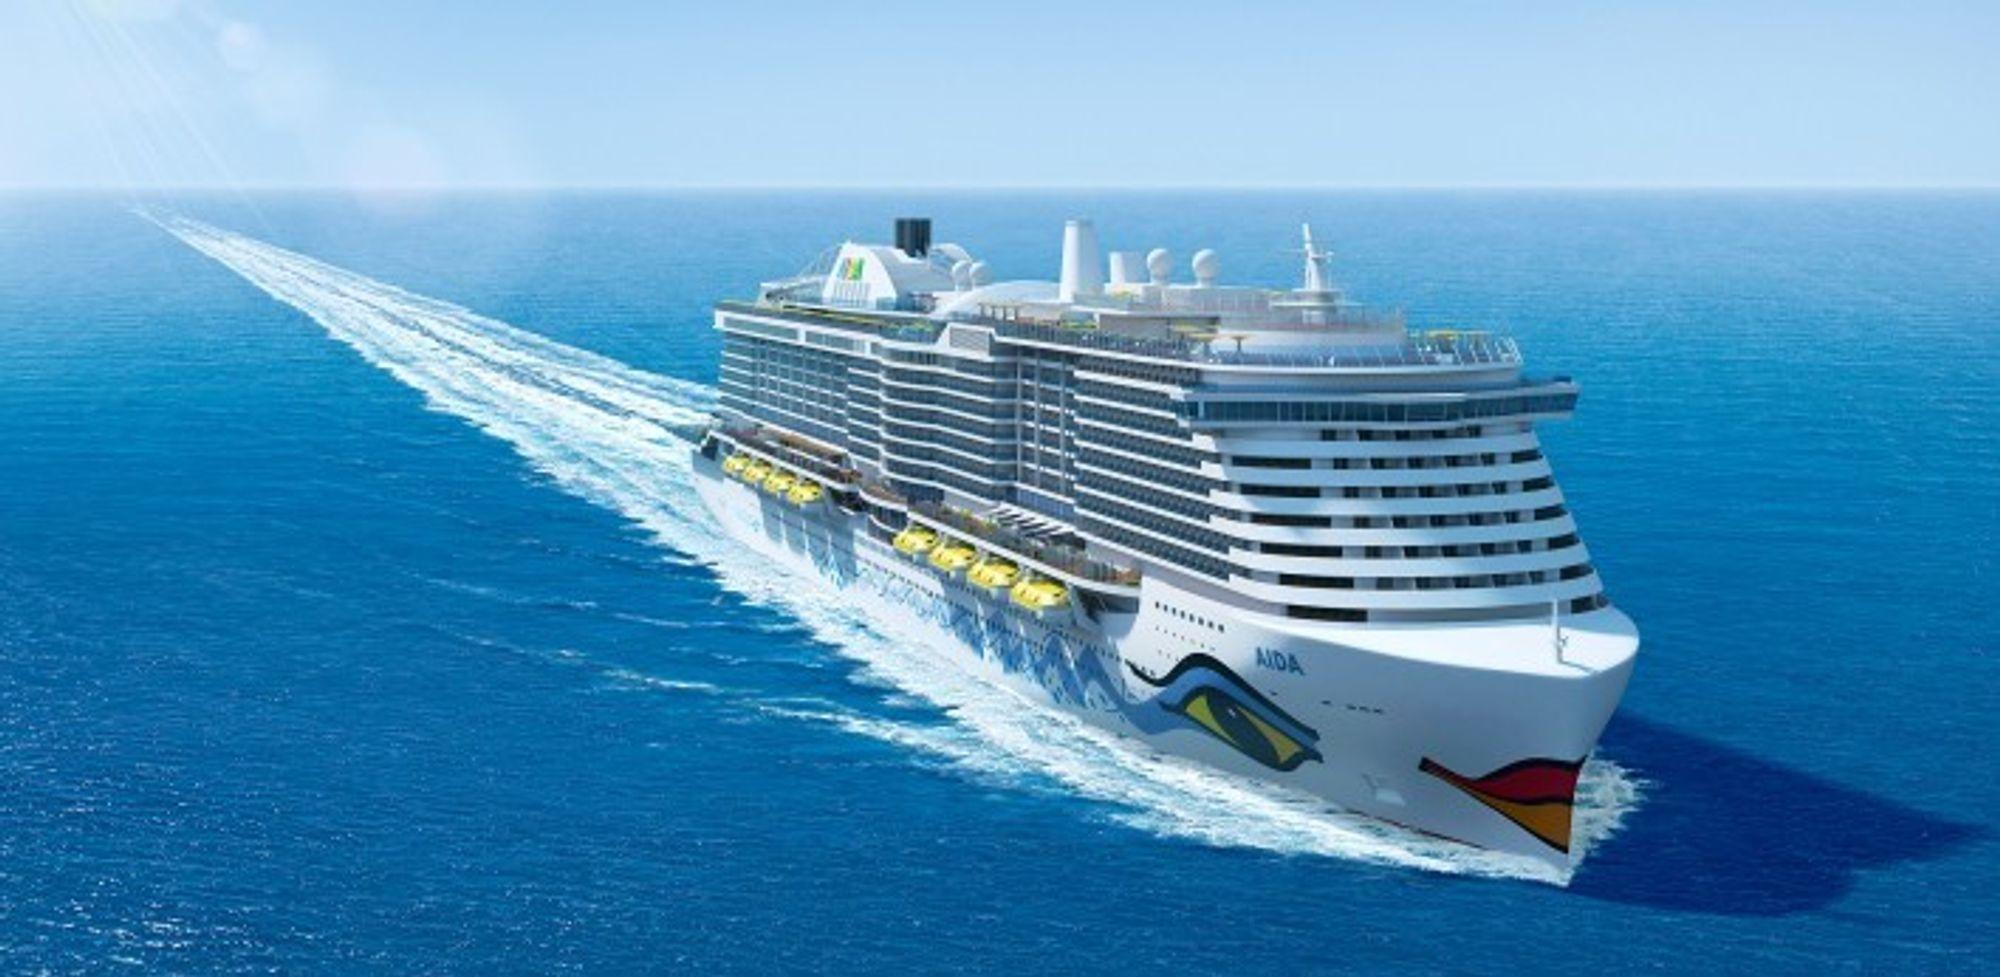 Aidanova blir verdens første cruiseskip med LNG-motorer. Det 337 meter lange og 42 meter brede skipet på 183.900 bruttotonn, skal inn i trafikk i desember 2018. Det skal ha 2.262 lugarer og 31 suiter til sine 5.200 passasjer.